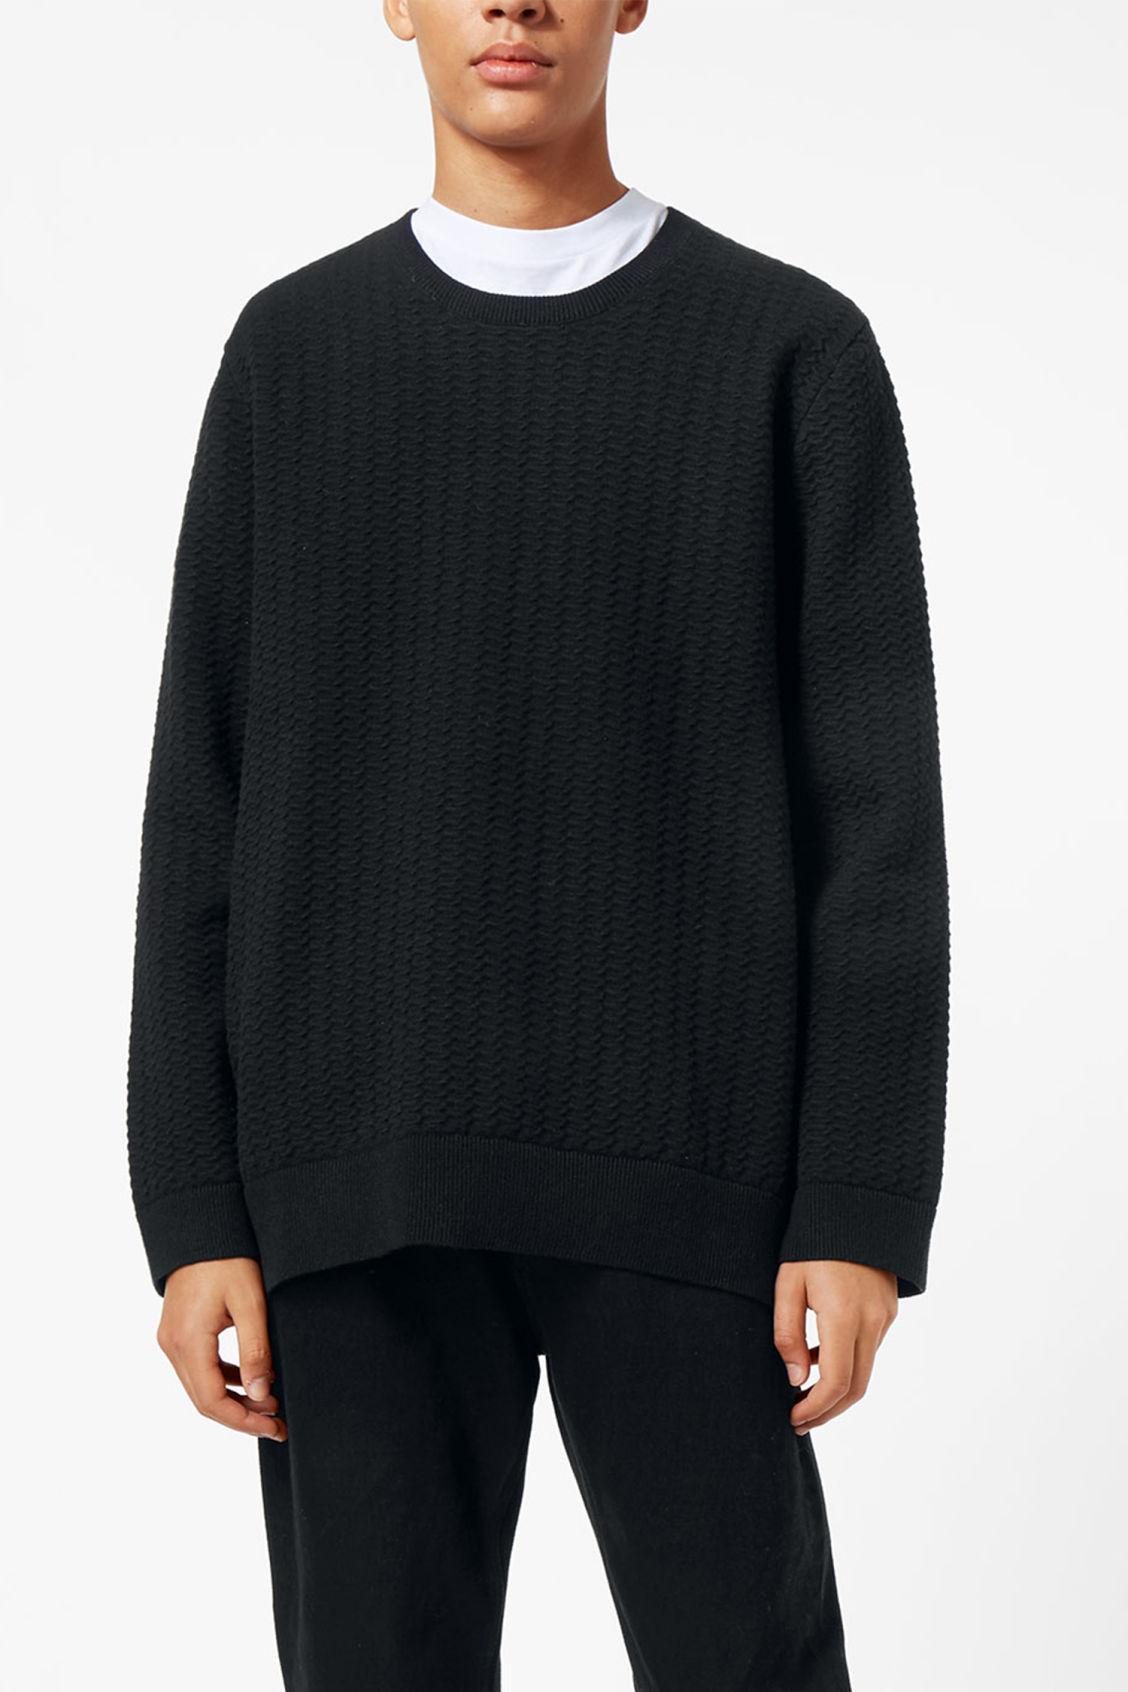 Weekday John Knit Sweater - Black Véritable Prix Pas Cher Liquidations Nouveaux Styles Coût Vente En Ligne F5kghi